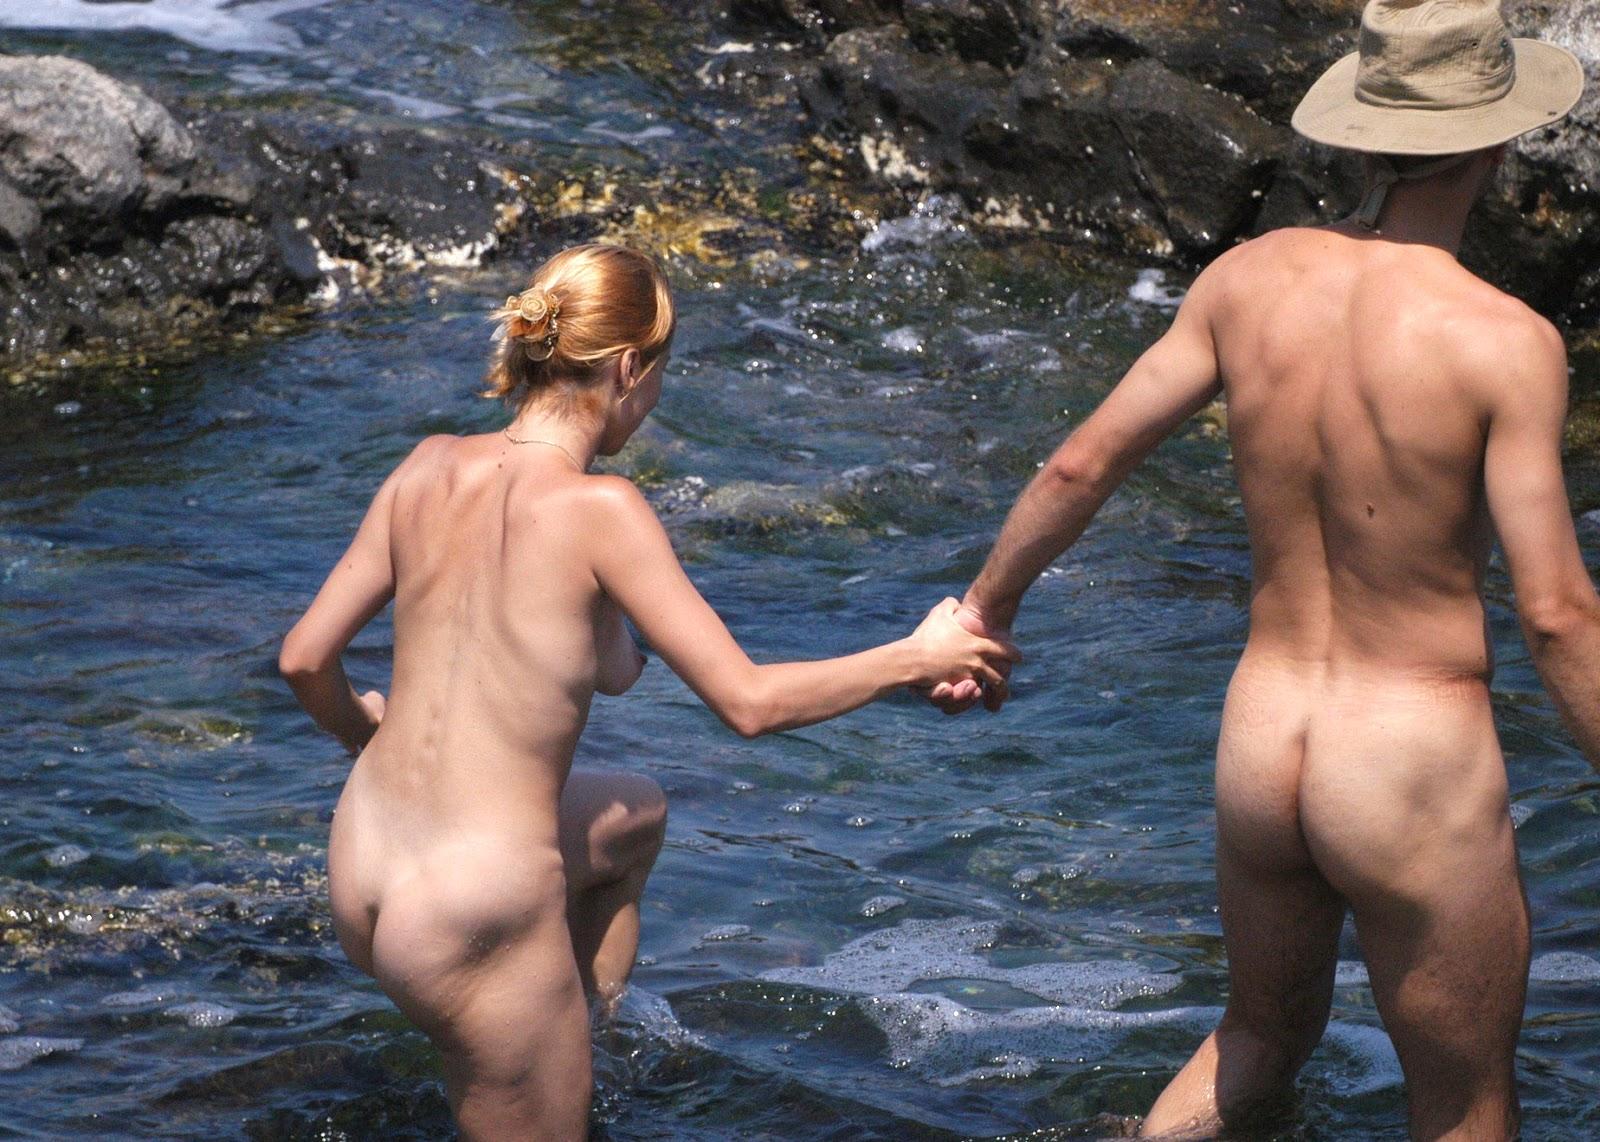 Right! like fkk beach voyeur recommend